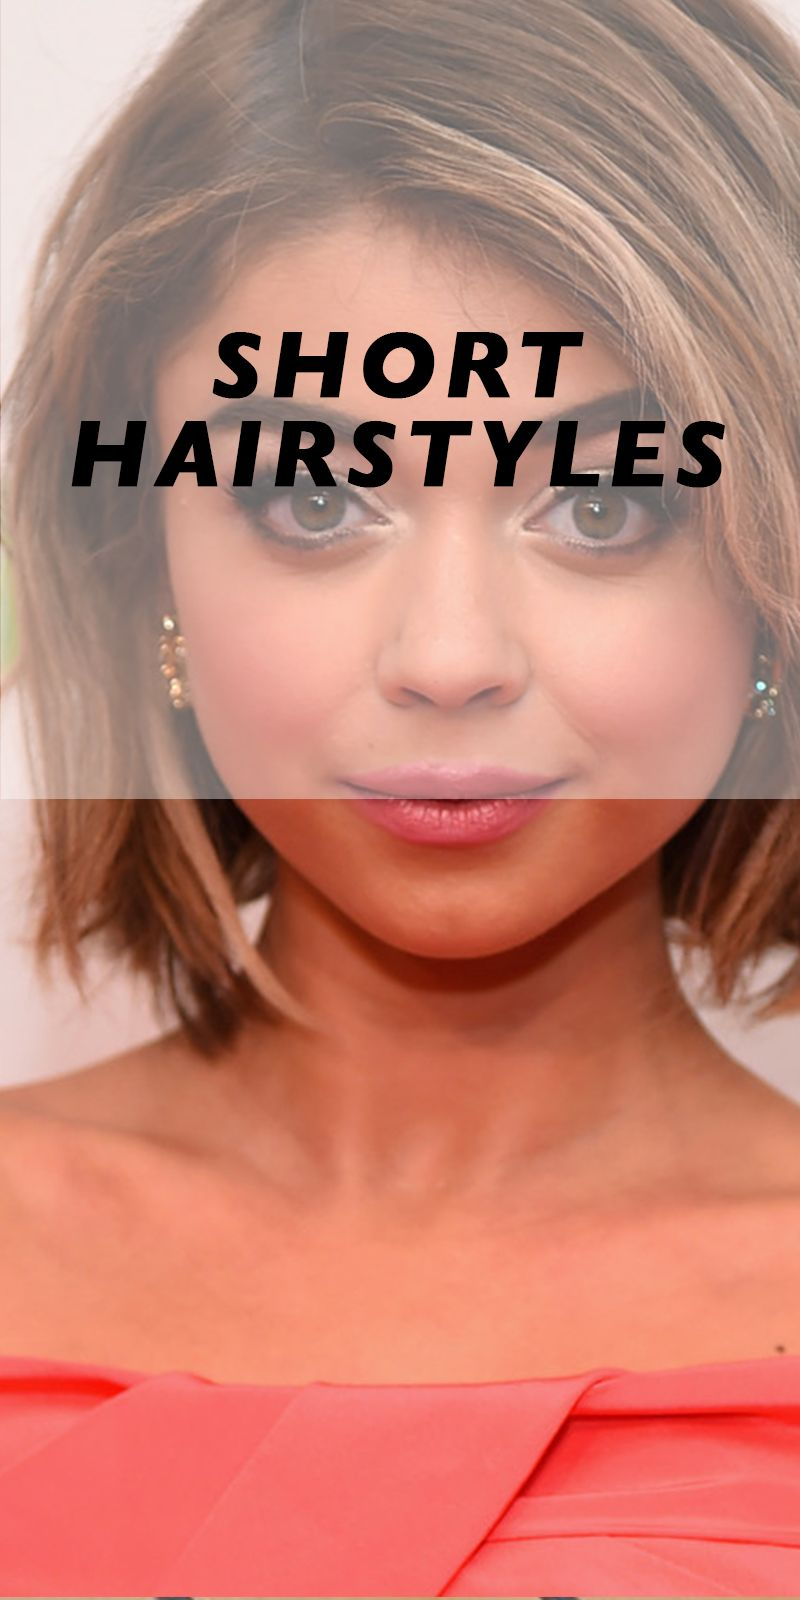 Sarah hylandus bob short hairstyles pinterest short hair